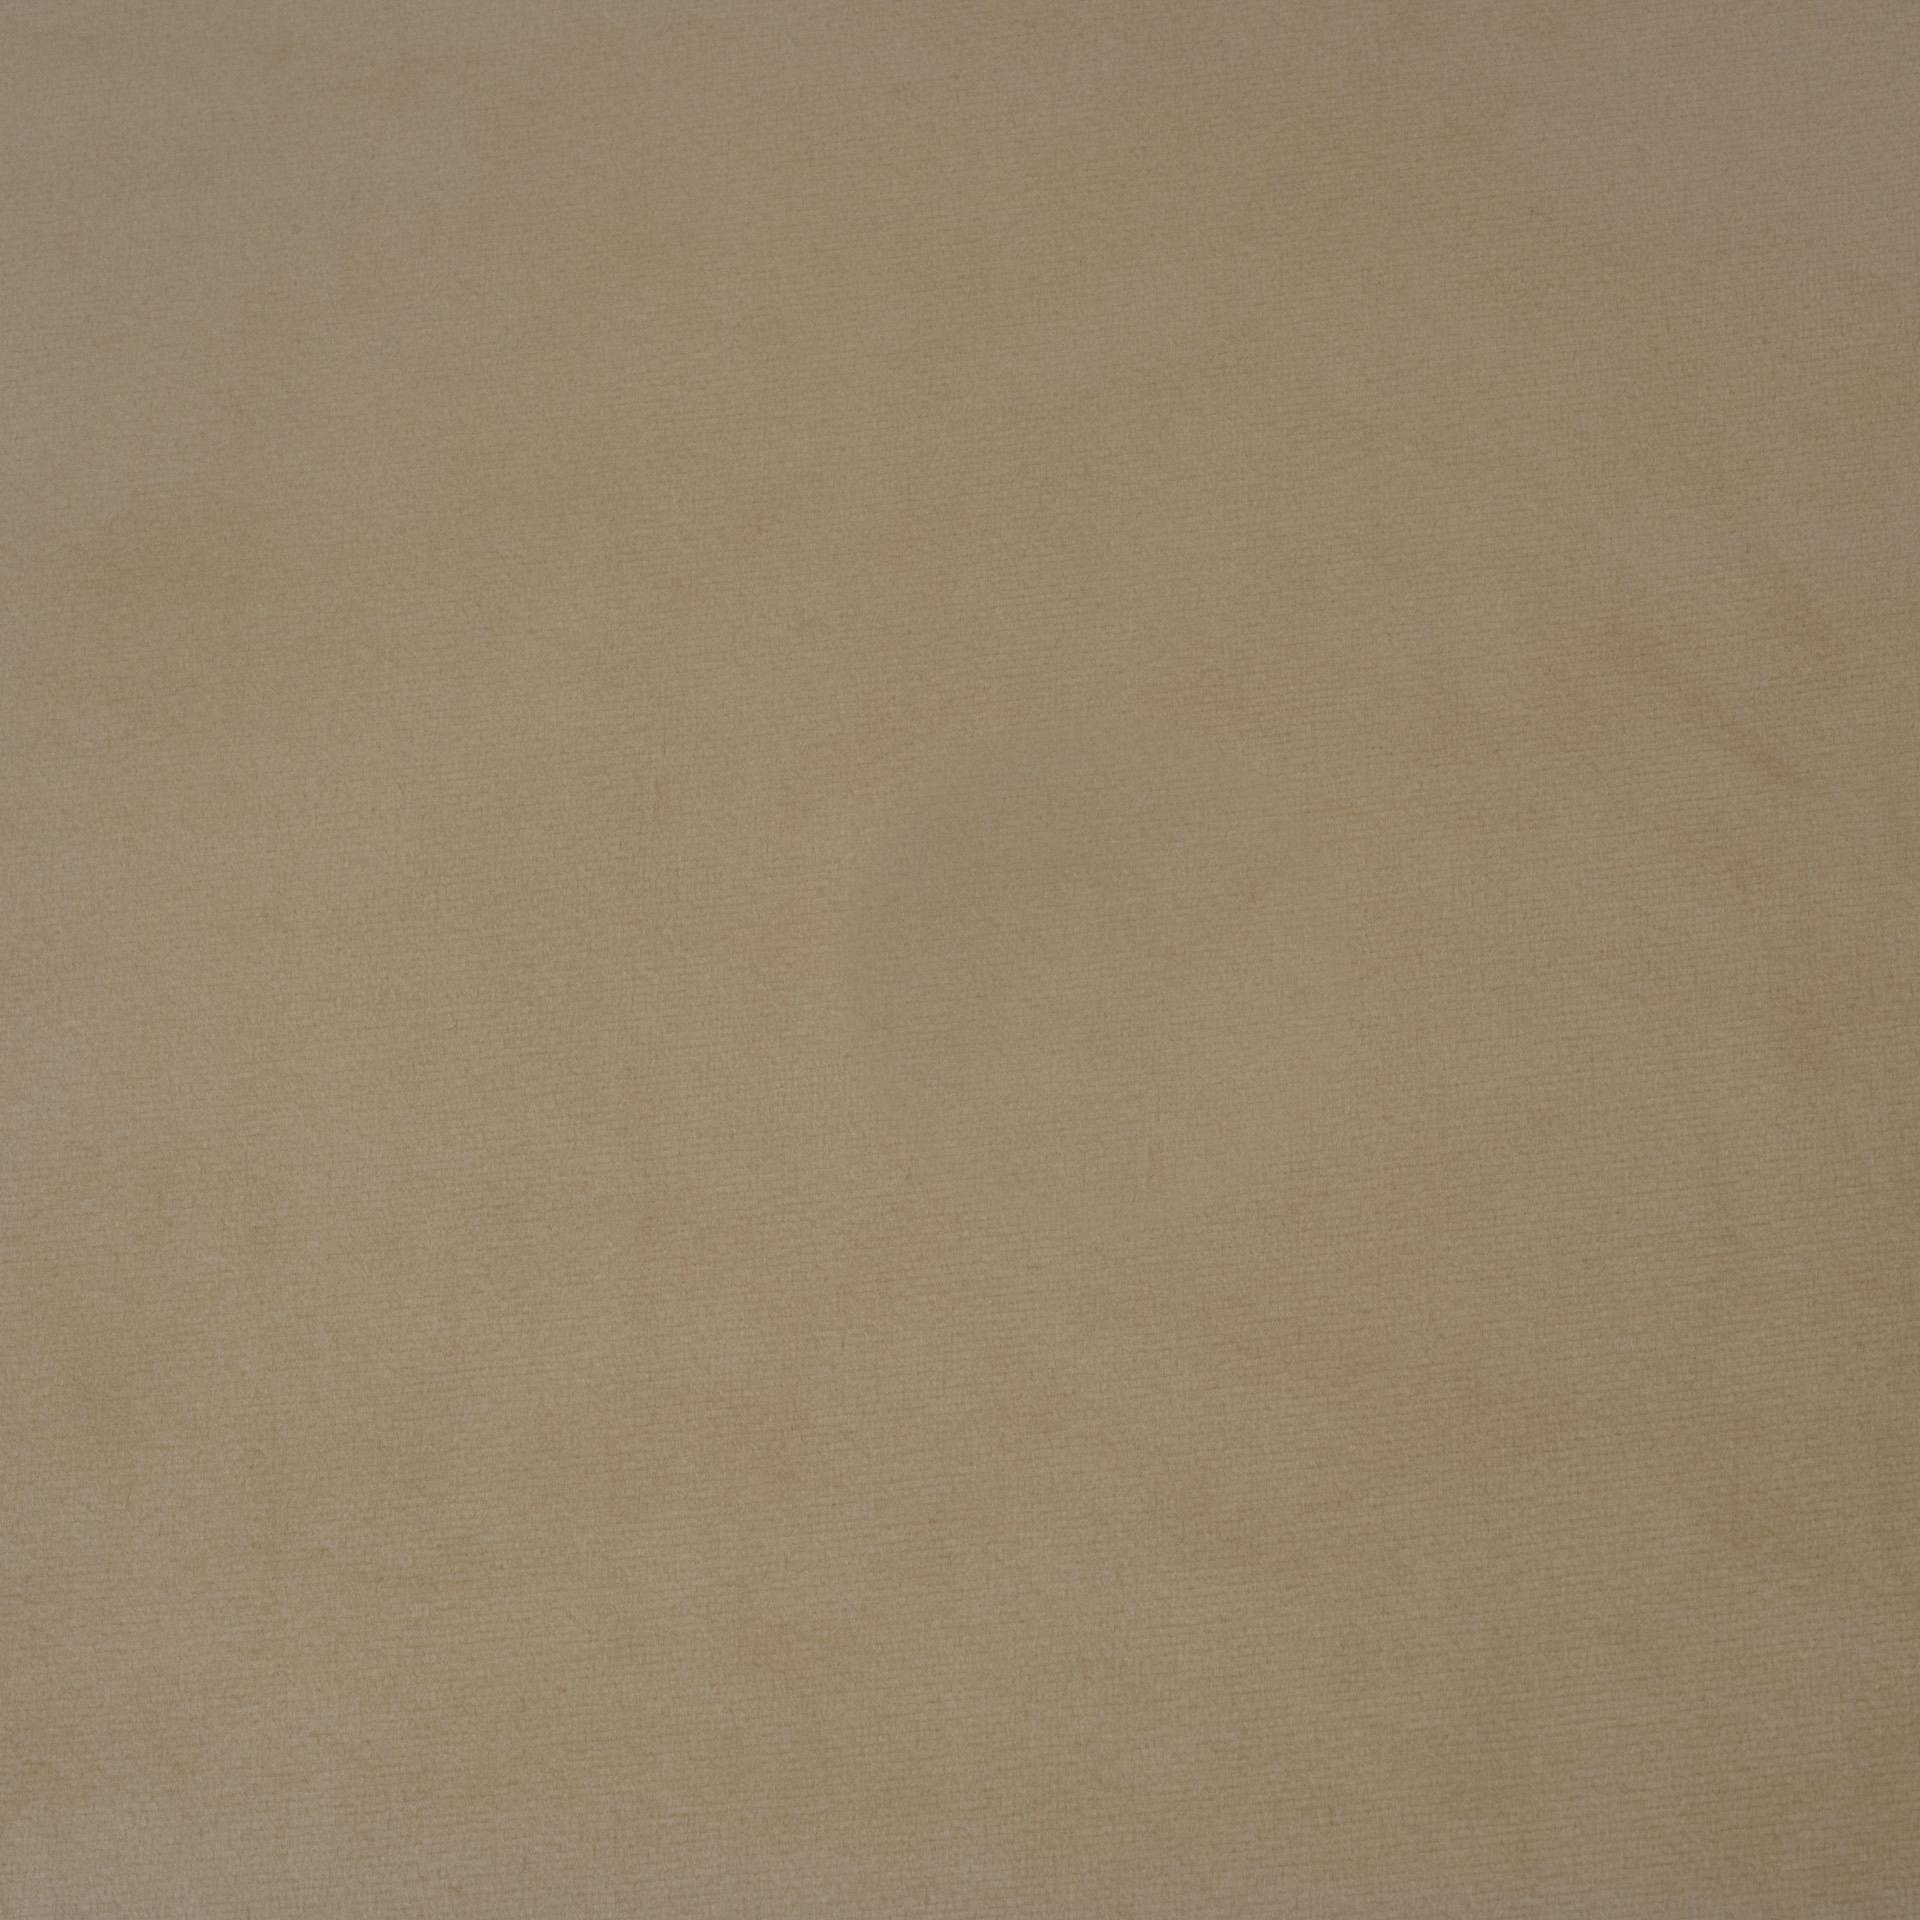 Коллекция ткани Альмира 11 FRENCH VANILLY,  купить ткань Велюр для мебели Украина